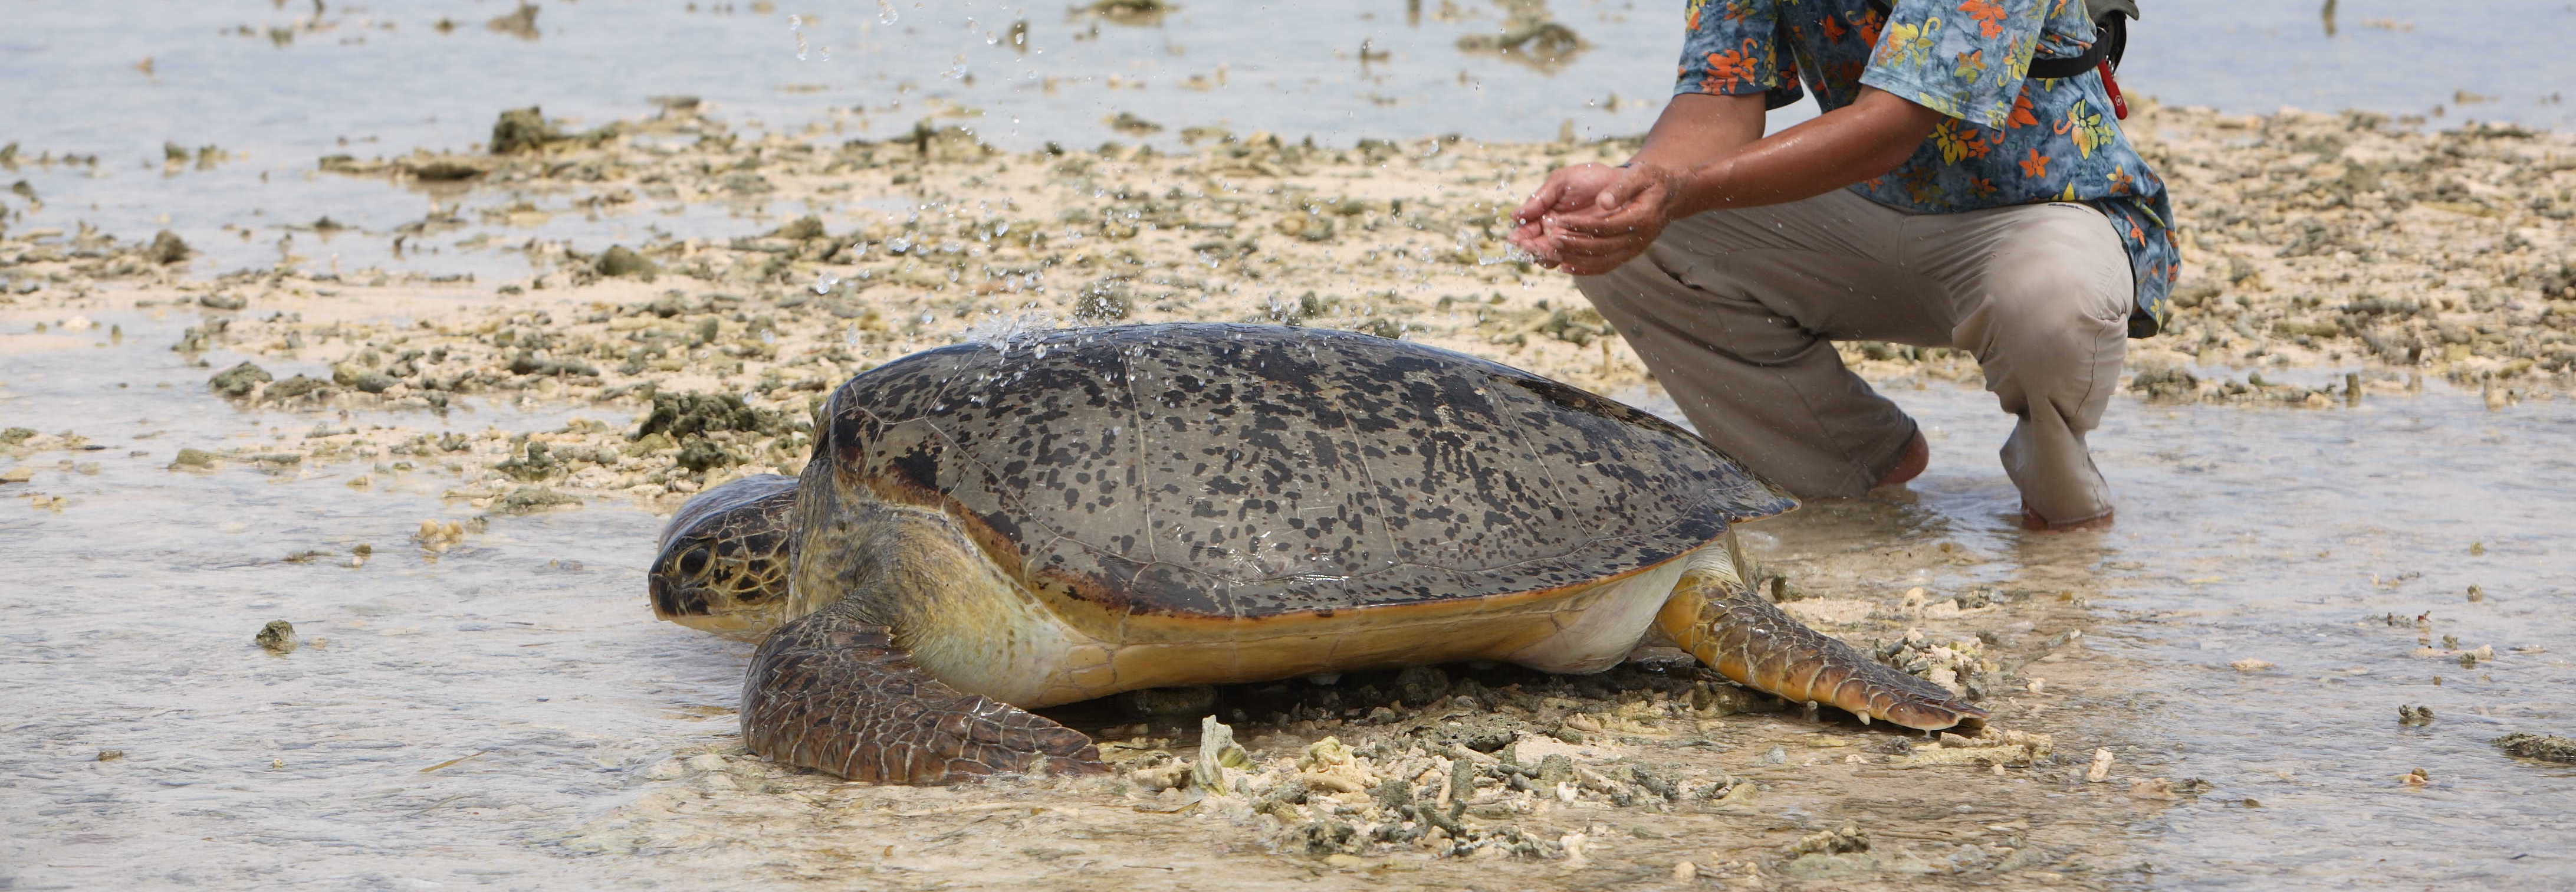 Grüne Meeresschildkröte